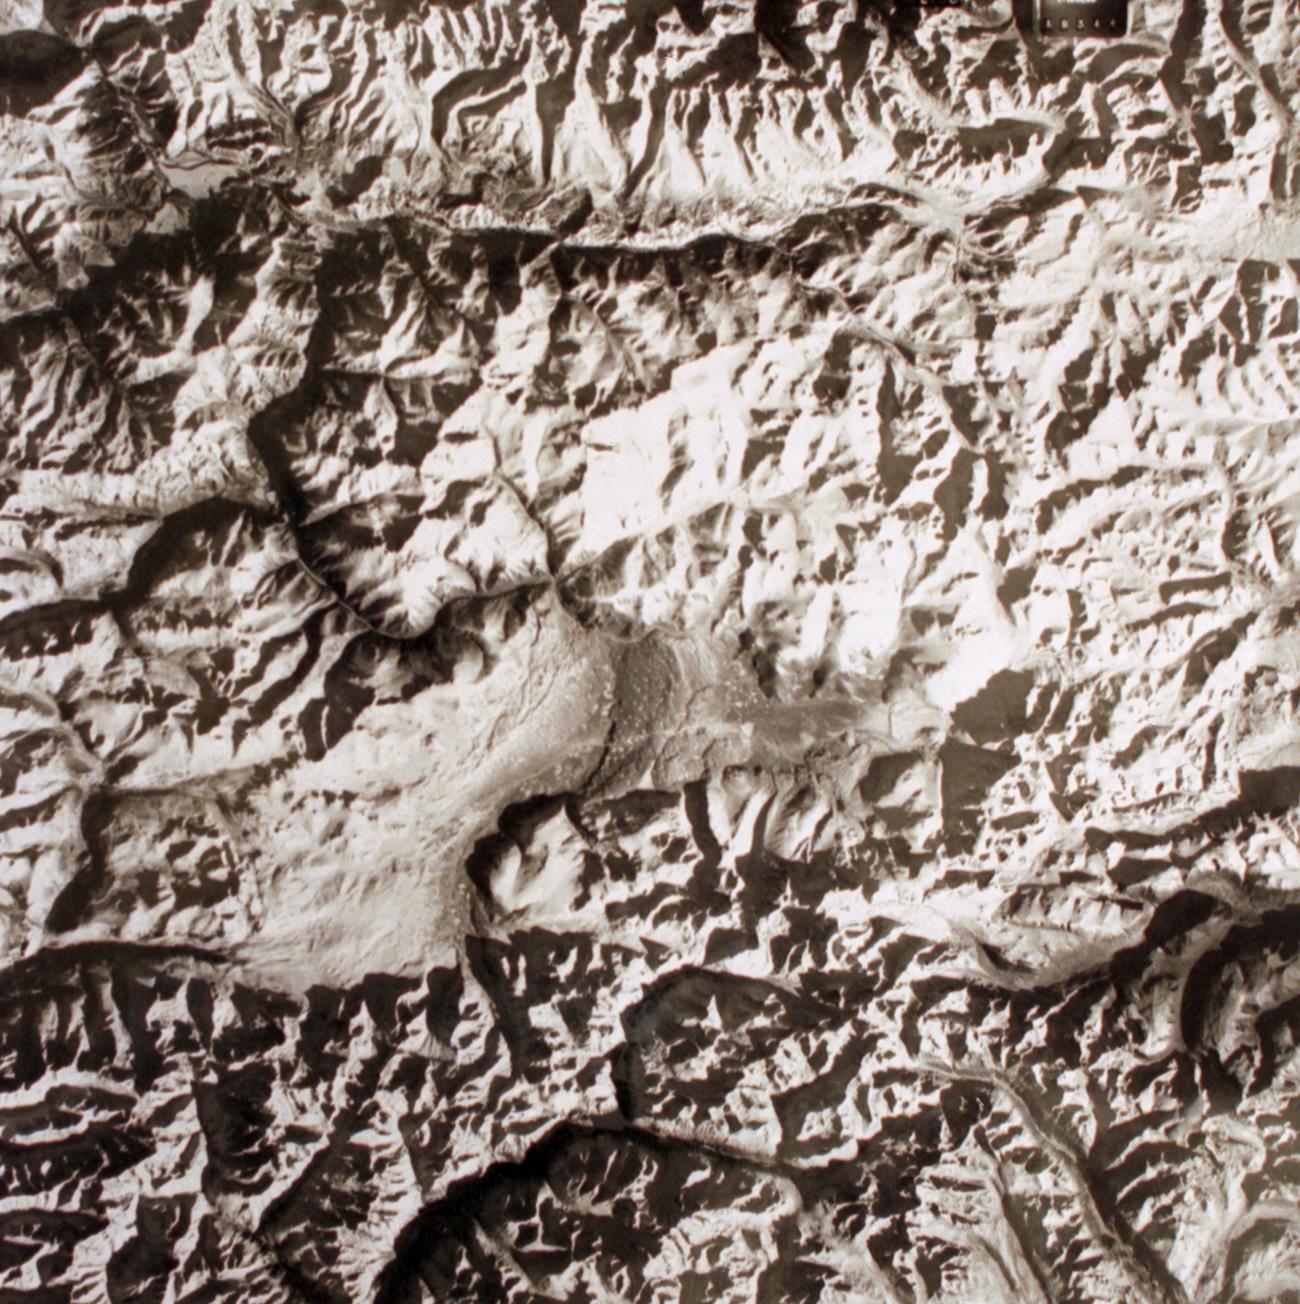 """""""Било је забрањено говорити гласно да се мртви не би узнемирили. То правило су прекршили археолози када су 1993. године пронашли невероватно добро очувану мумију жене која је умрла пре око 2.500 година"""". Извор: ТАСС"""